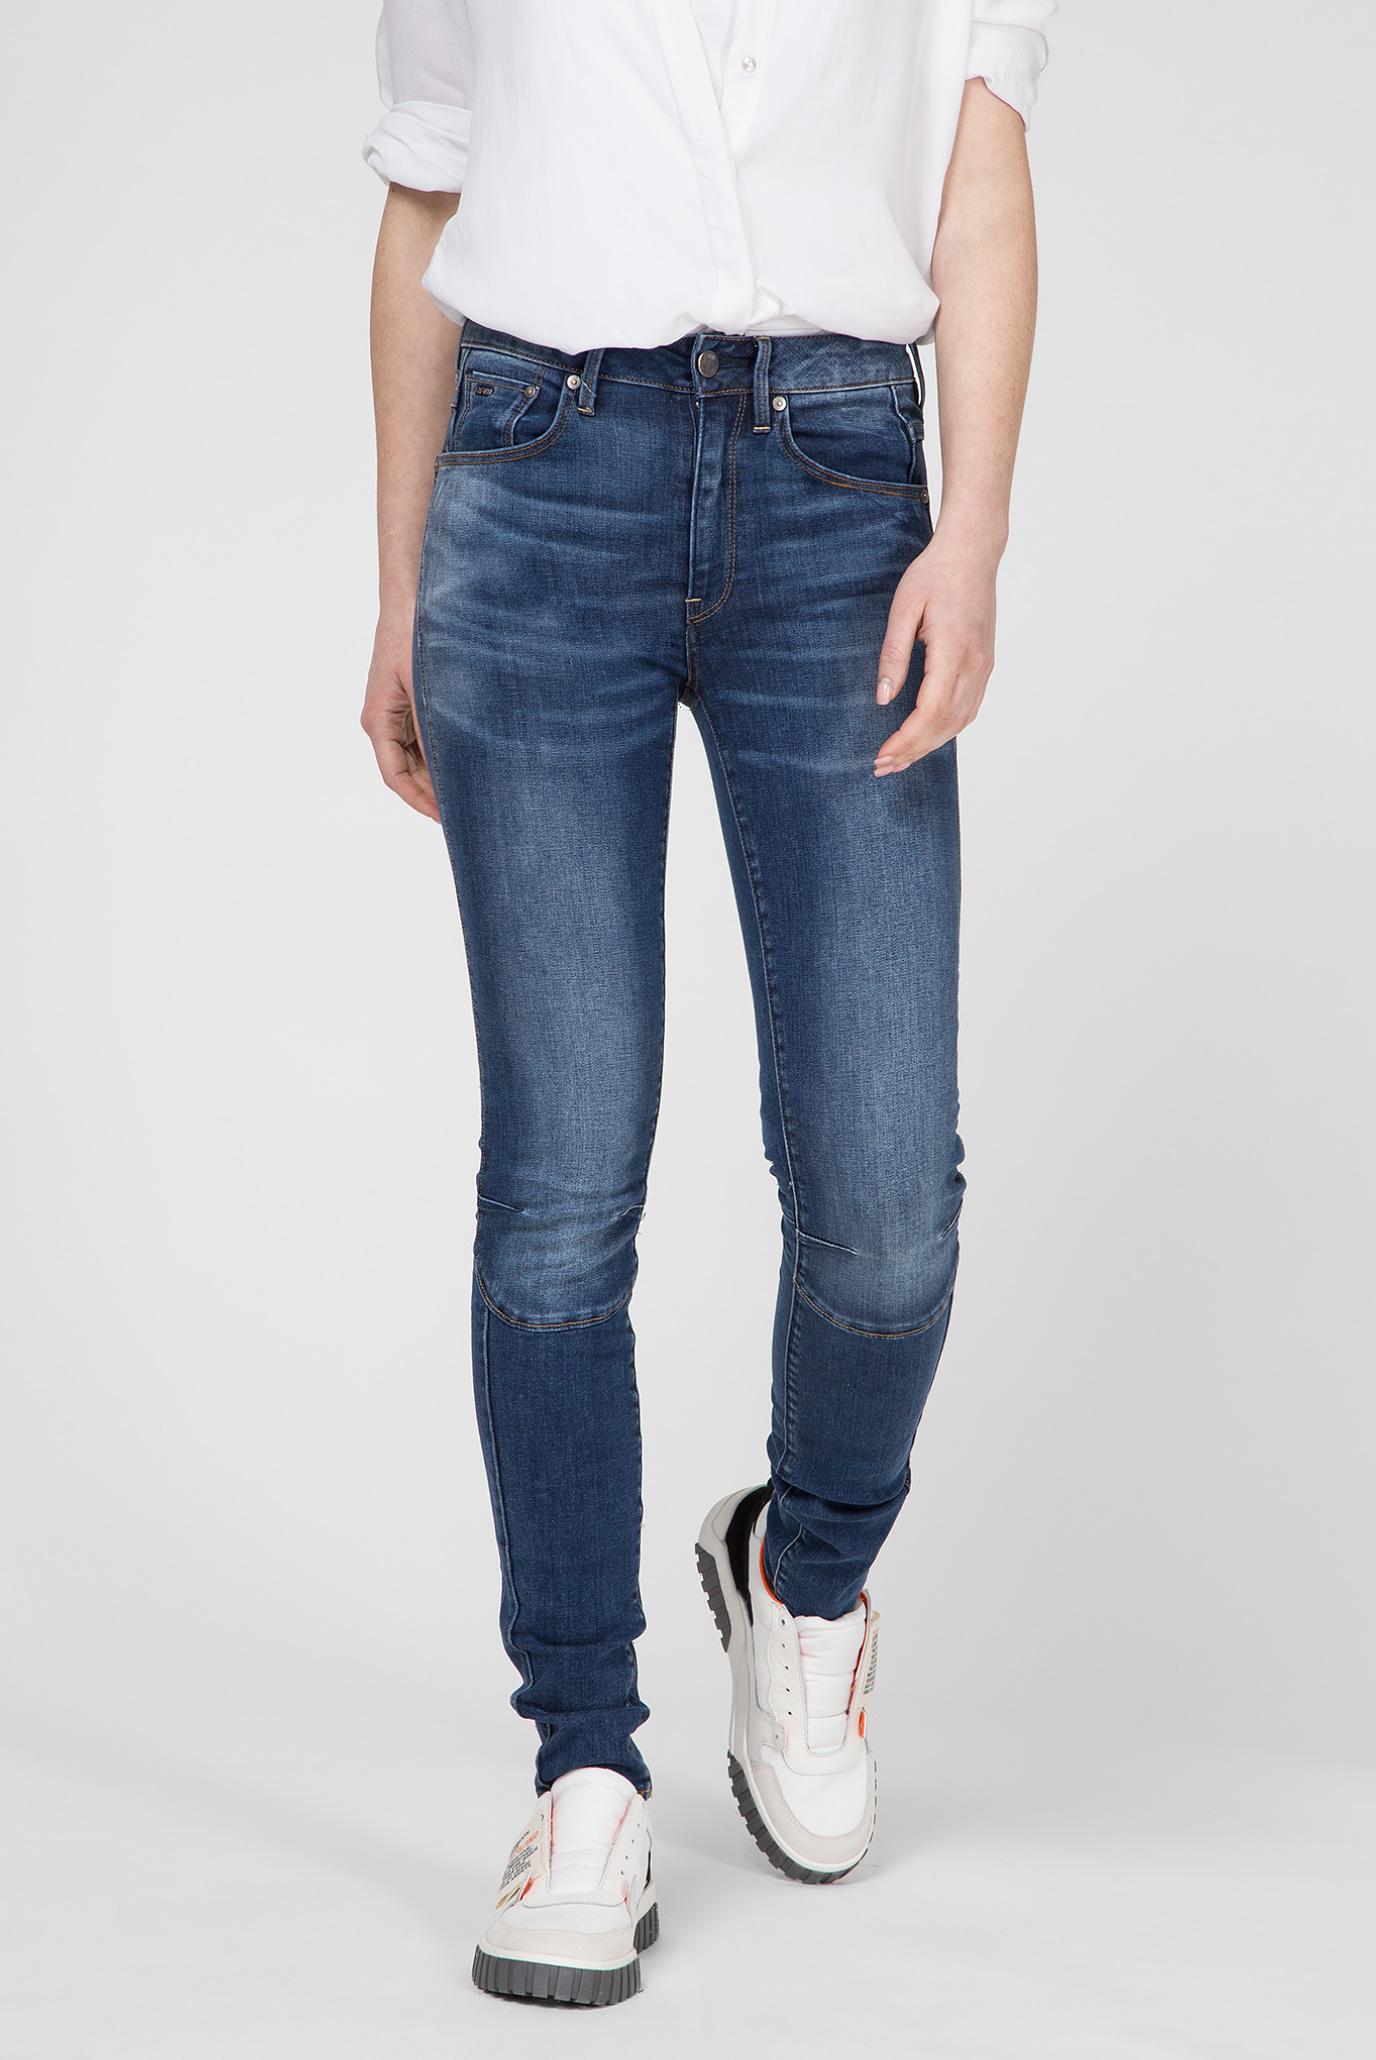 Купить Женские синие джинсы Biwes High Skinny G-Star RAW G-Star RAW D12853,6553 – Киев, Украина. Цены в интернет магазине MD Fashion